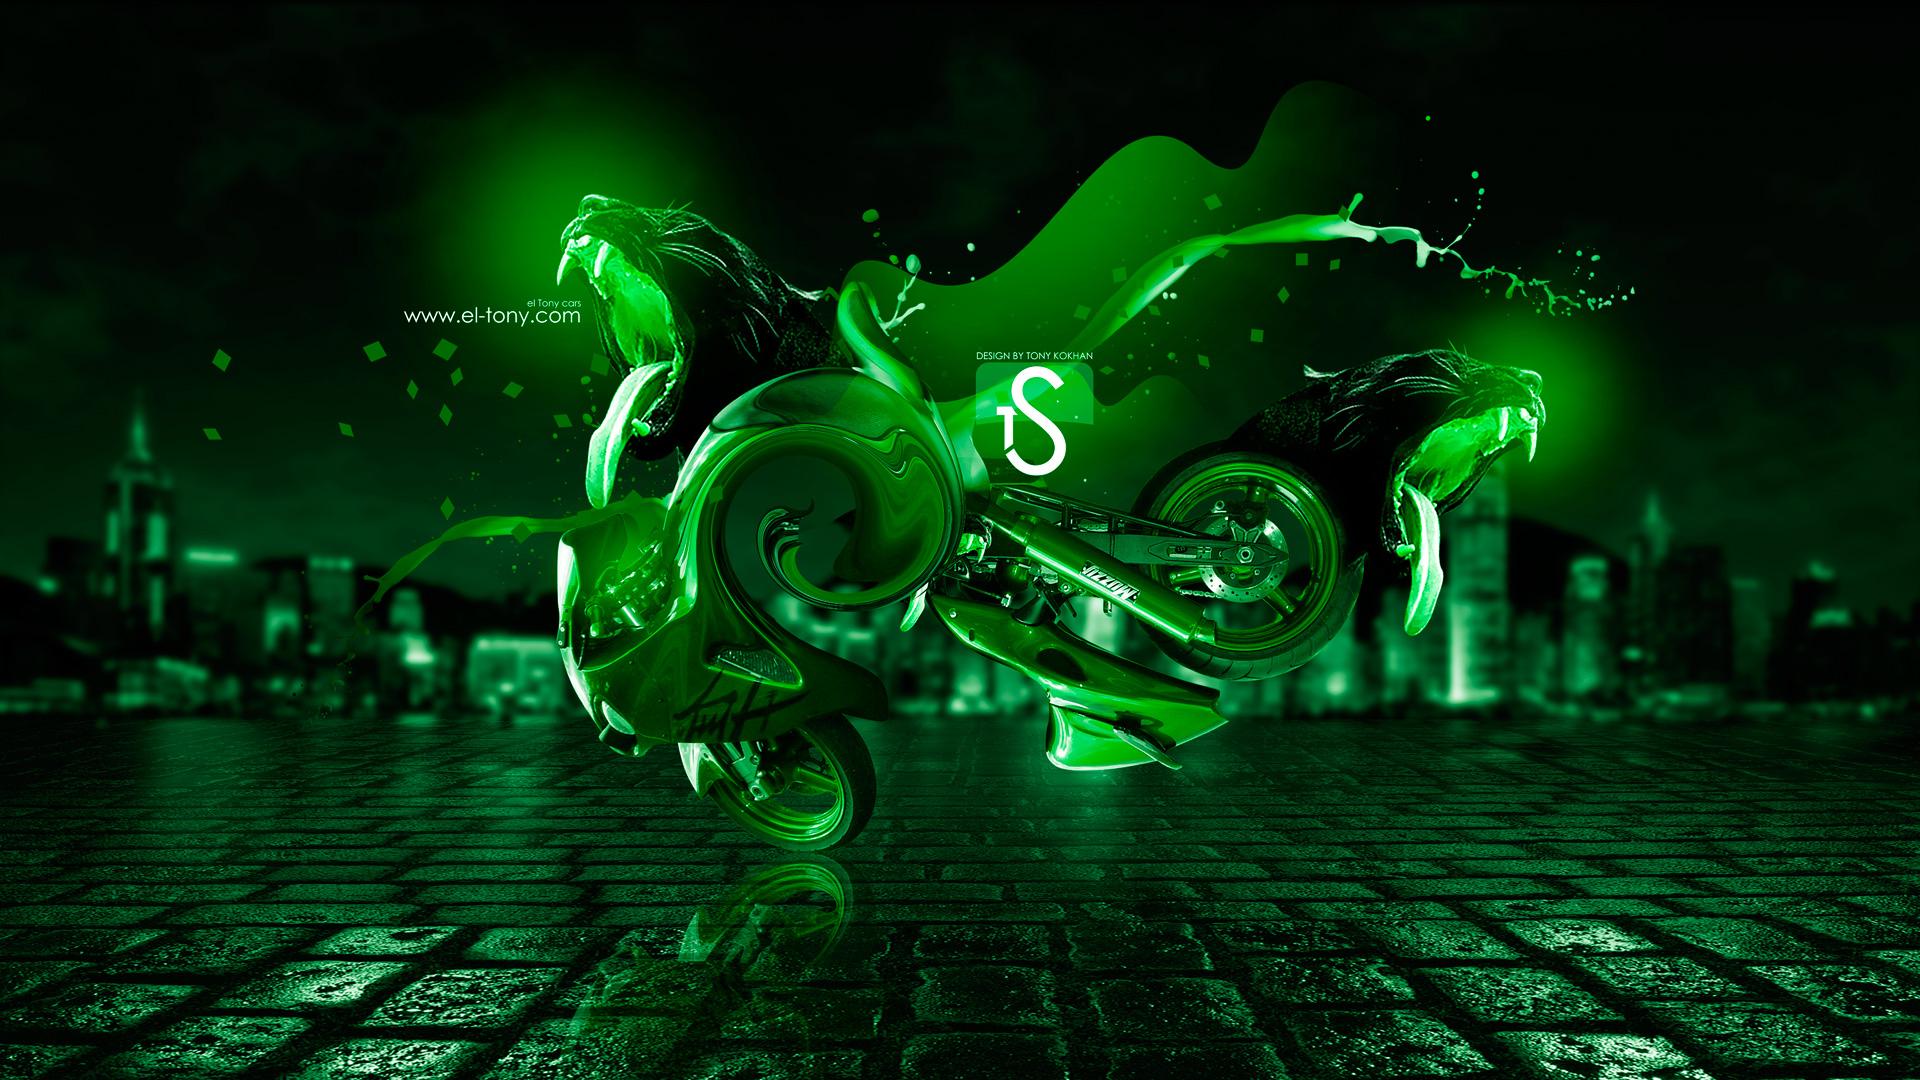 Neon Green HD Wallpaper - WallpaperSafari